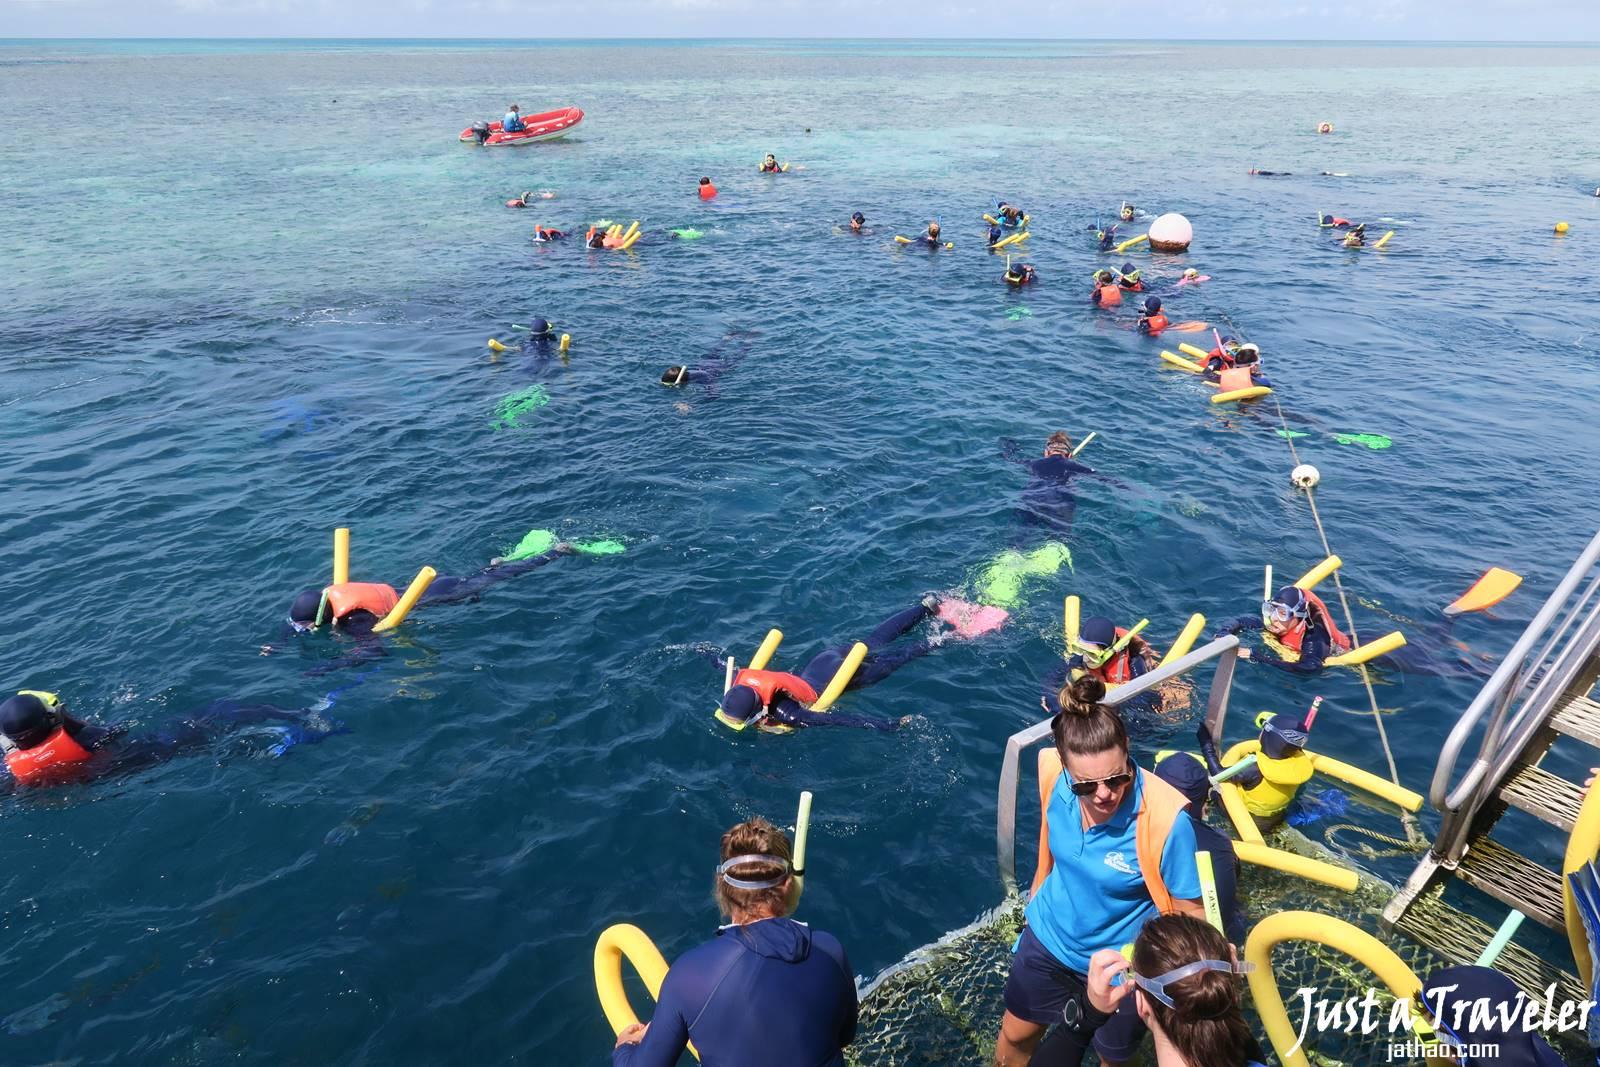 聖靈群島-景點-推薦-大堡礁-心型礁-Great-Barrier-Reef-Hardy-必玩-必去-必遊-好玩-自由行-自助-行程-遊記-旅遊-澳洲-Whitsundays-Travel-Attraction-Australia